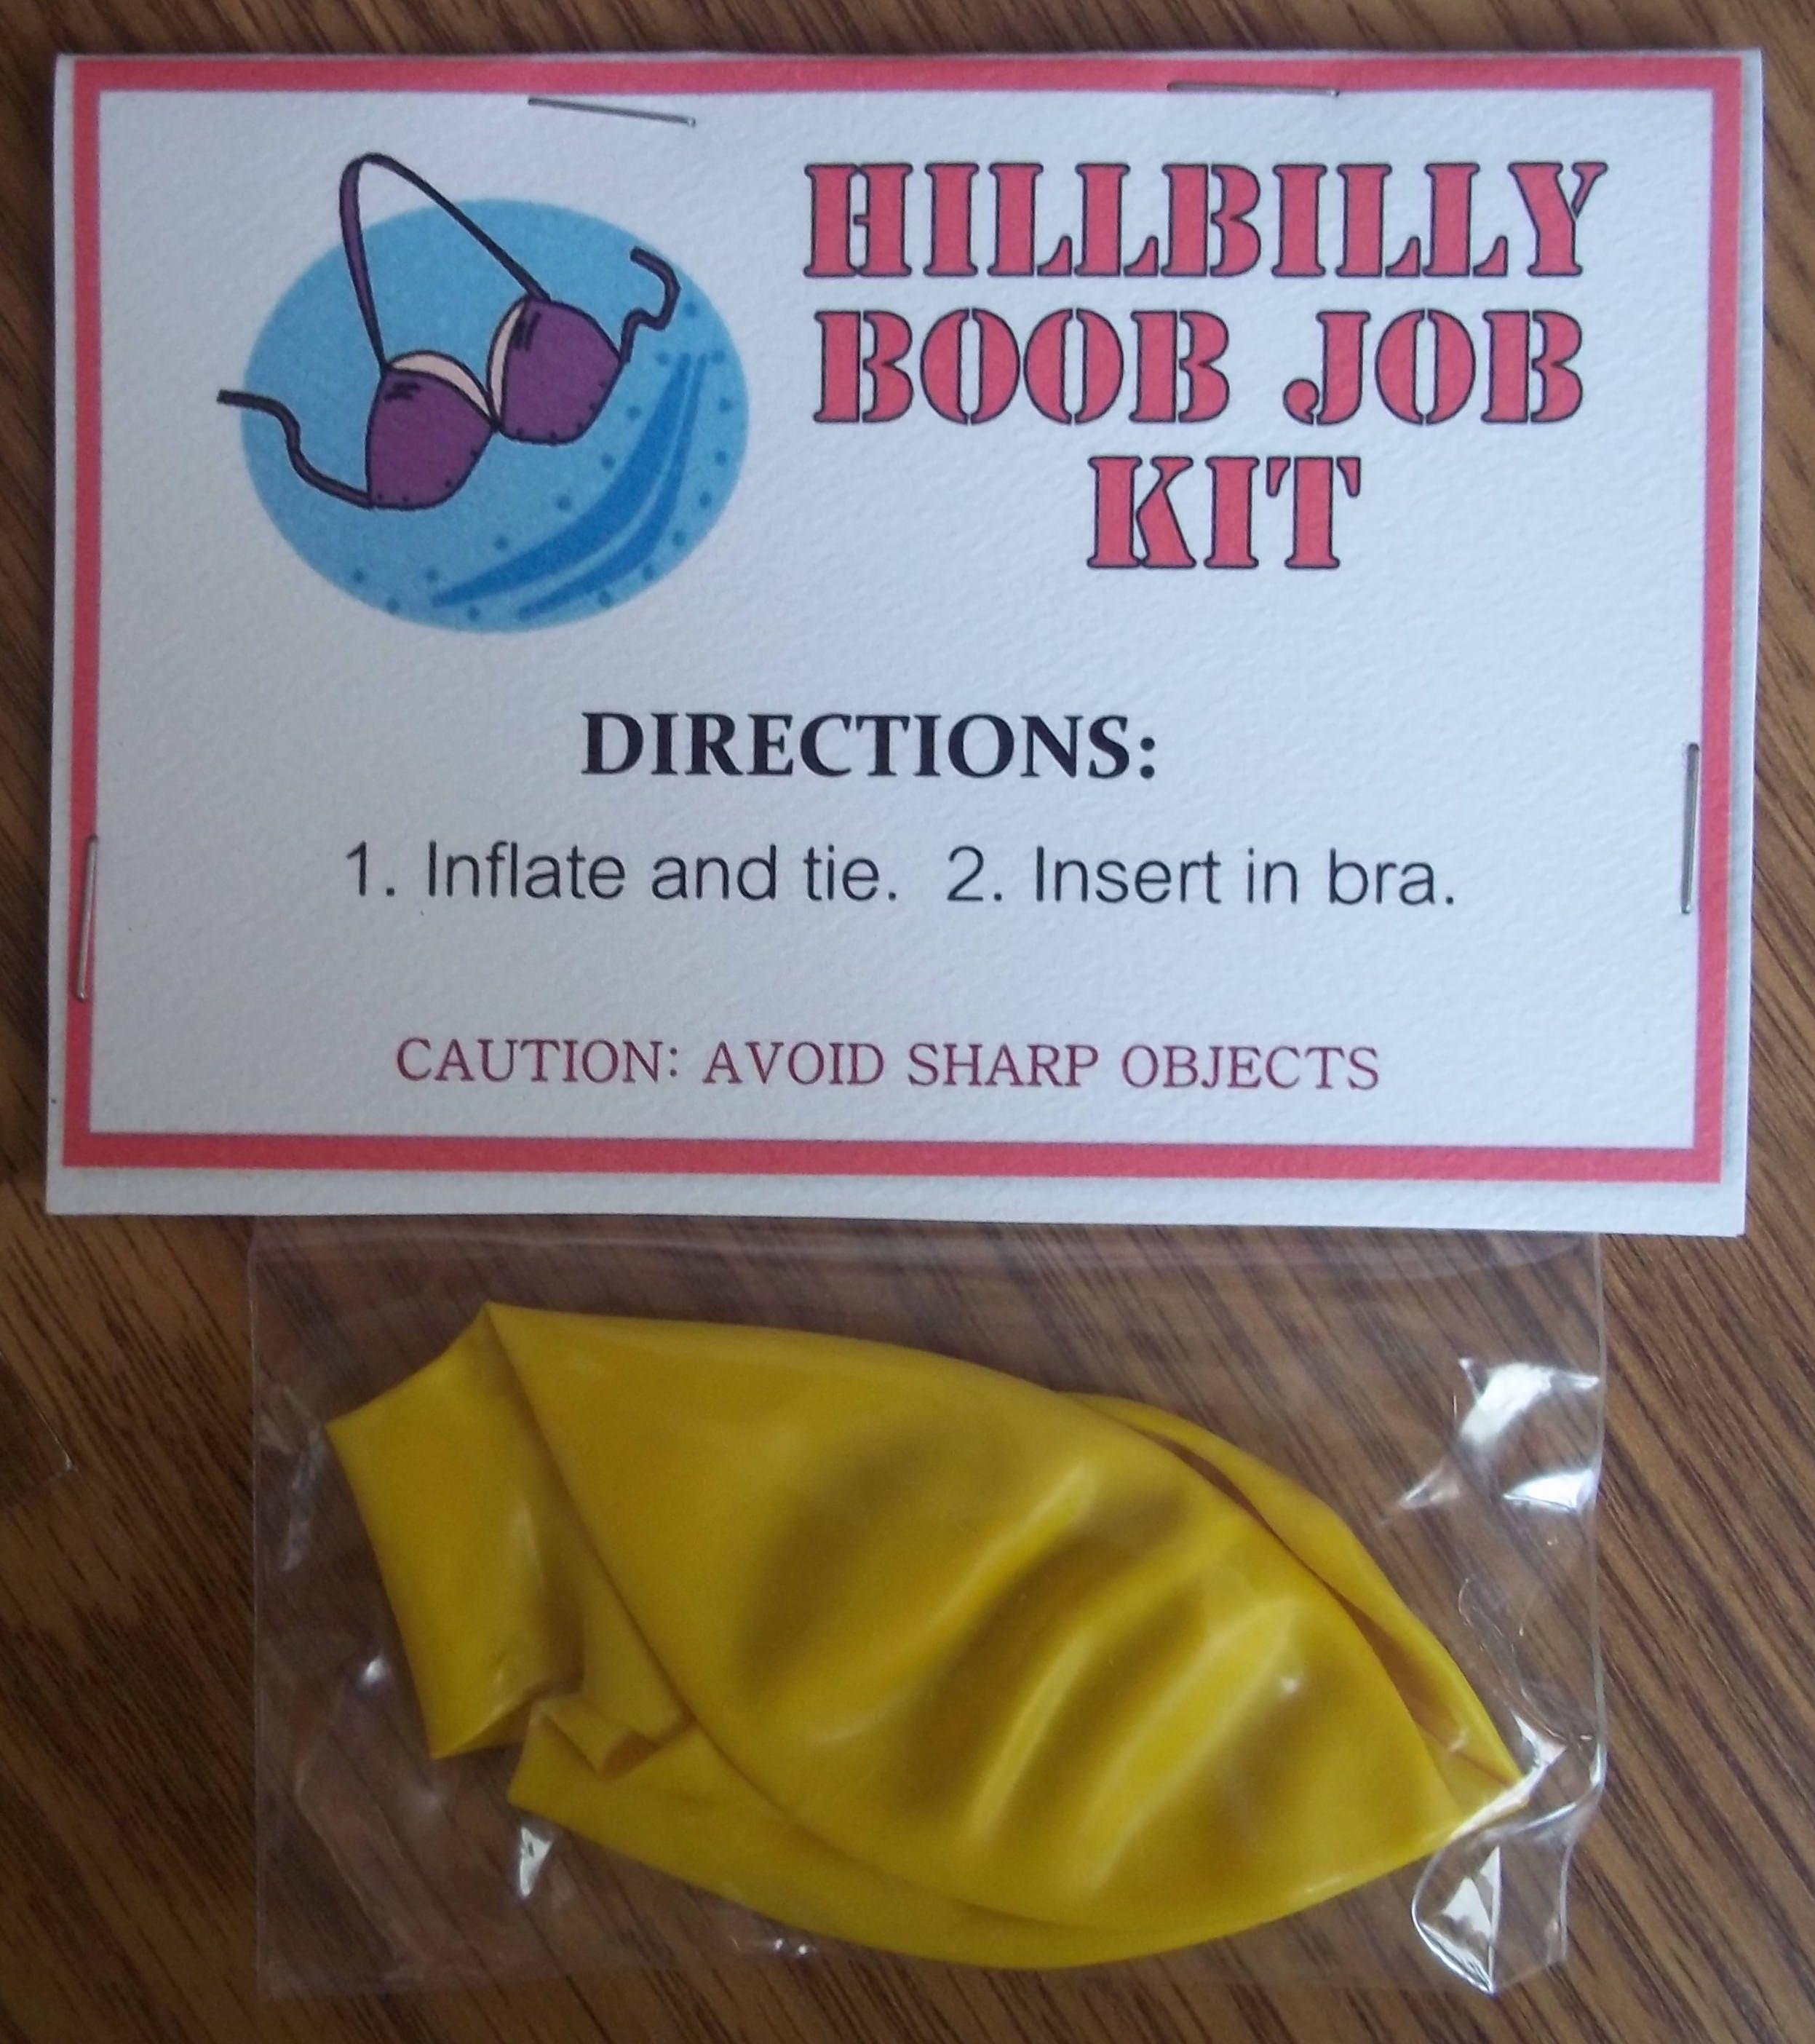 Schnell & einfach Boob Job Kit Hillbilly Boob Job Gag | Etsy